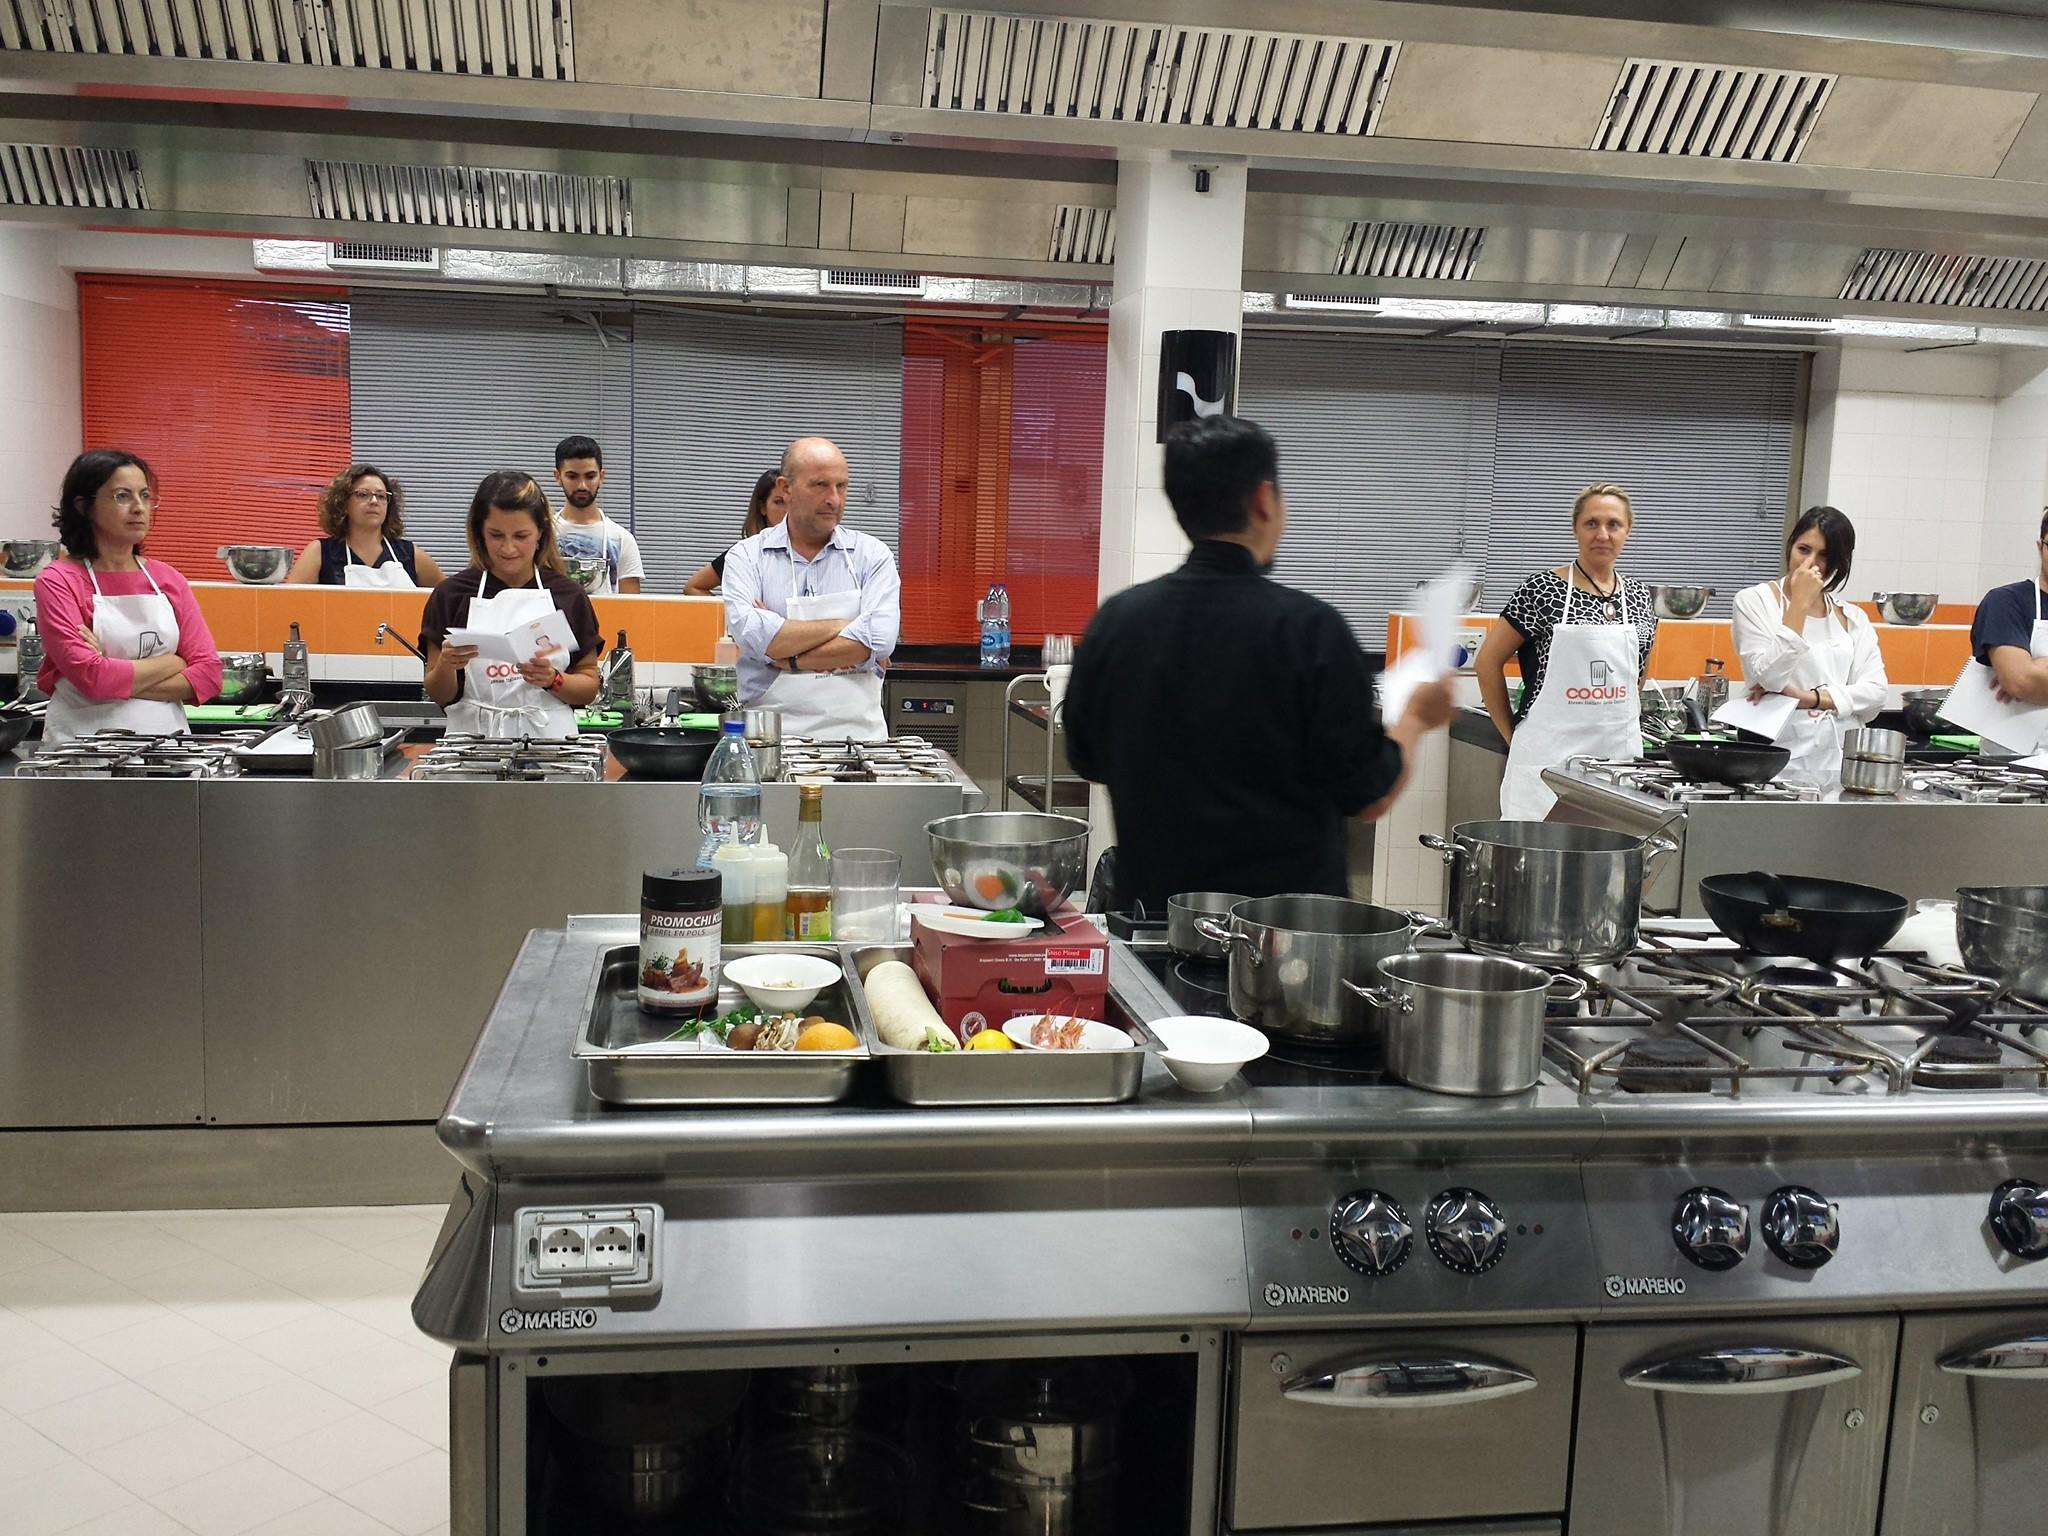 5 buoni motivi per frequentare un corso di cucina - Cucina fan page ...